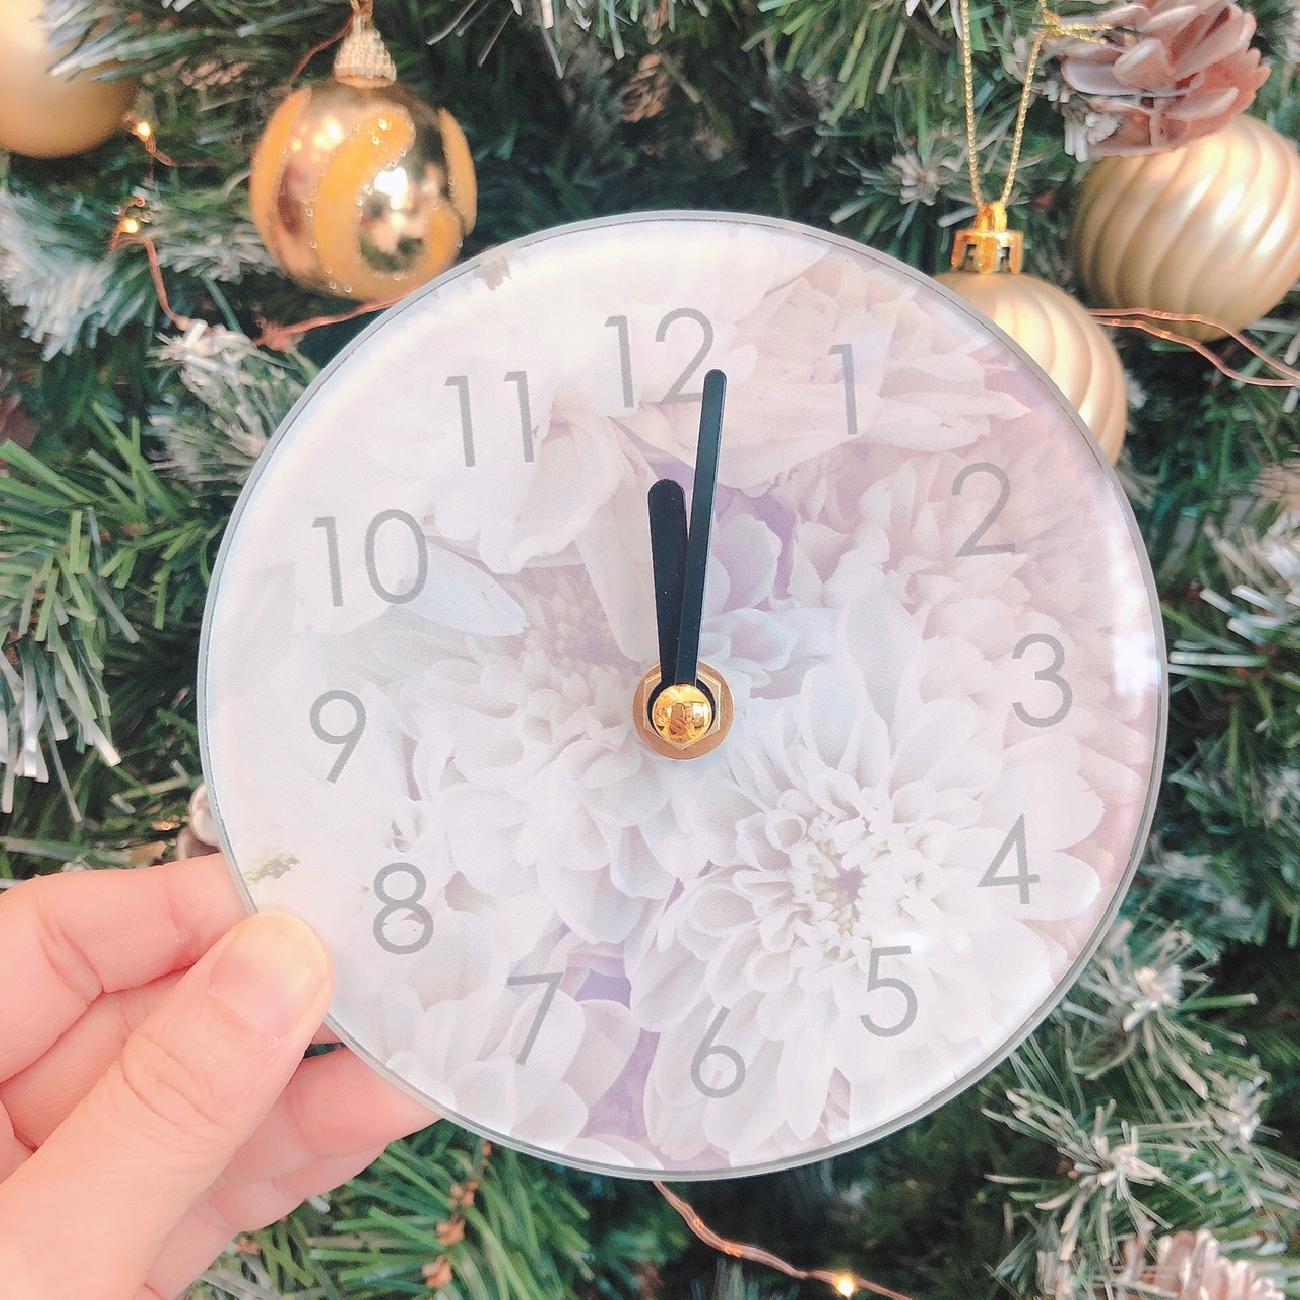 ガラスクロック/置き時計/フラワー柄/お洒落インテリア/模様替え/プレゼント